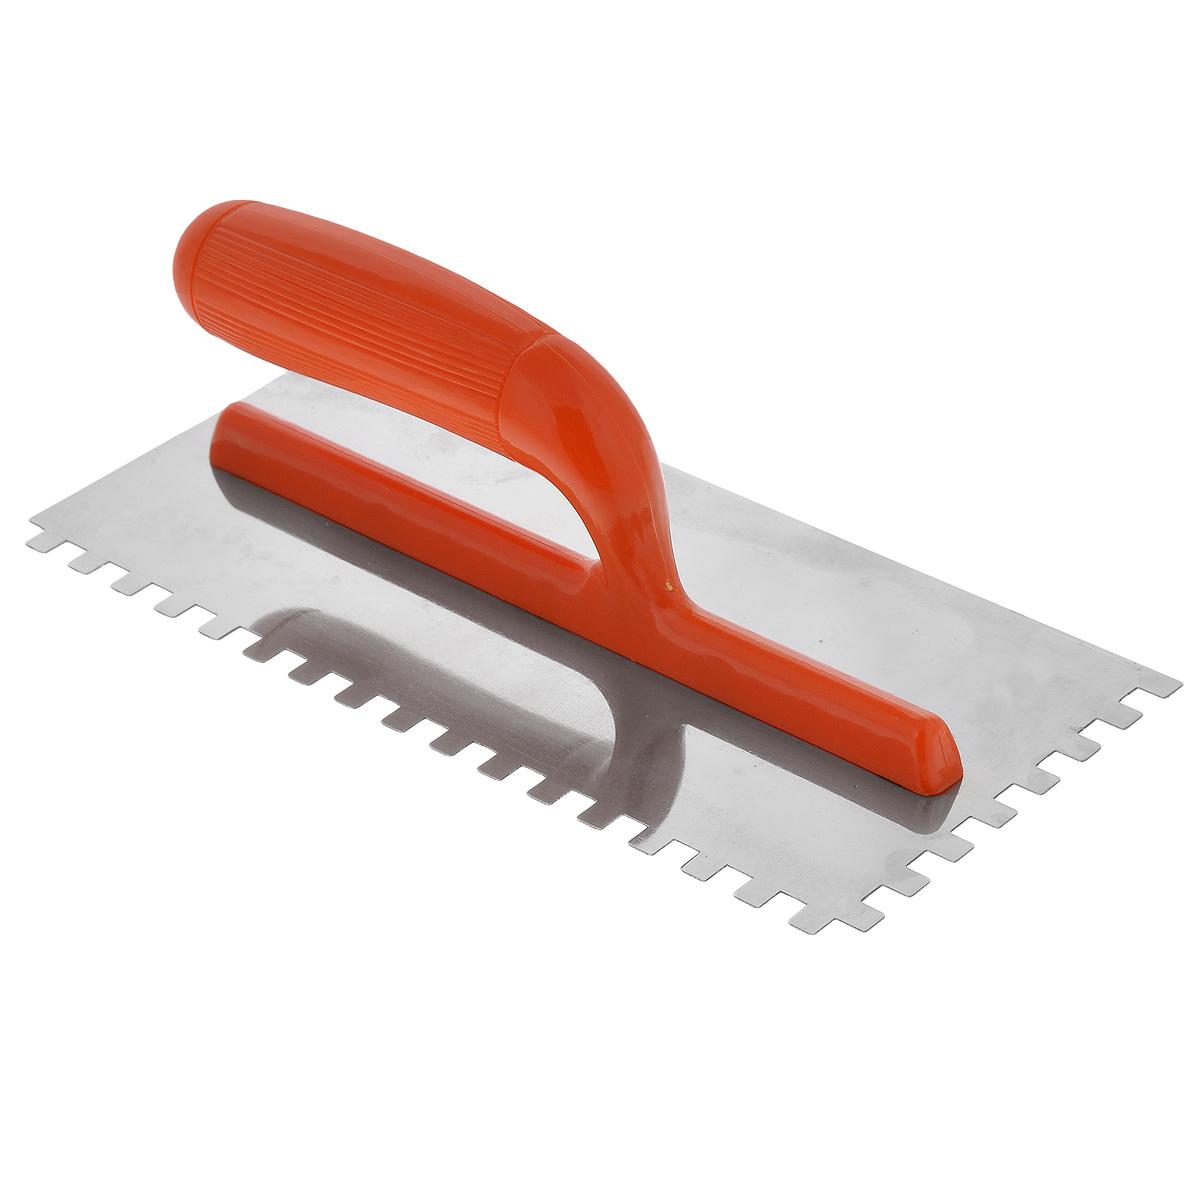 Гладилка зубчатая FIT, цвет: оранжевый, зуб 8 мм, 28 х 13 см05168_оранжевыйГладилка зубчатая FIT изготовлена из нержавеющей стали, снабжена пластиковой ручкой. Изделие используется в штукатурно-отделочных работах для равномерного распределения растворов, смесей и клеев на большую по площади поверхность. Размер зубьев: 8 мм х 8 мм. Размеры рабочей поверхности: 28 см х 13 см.